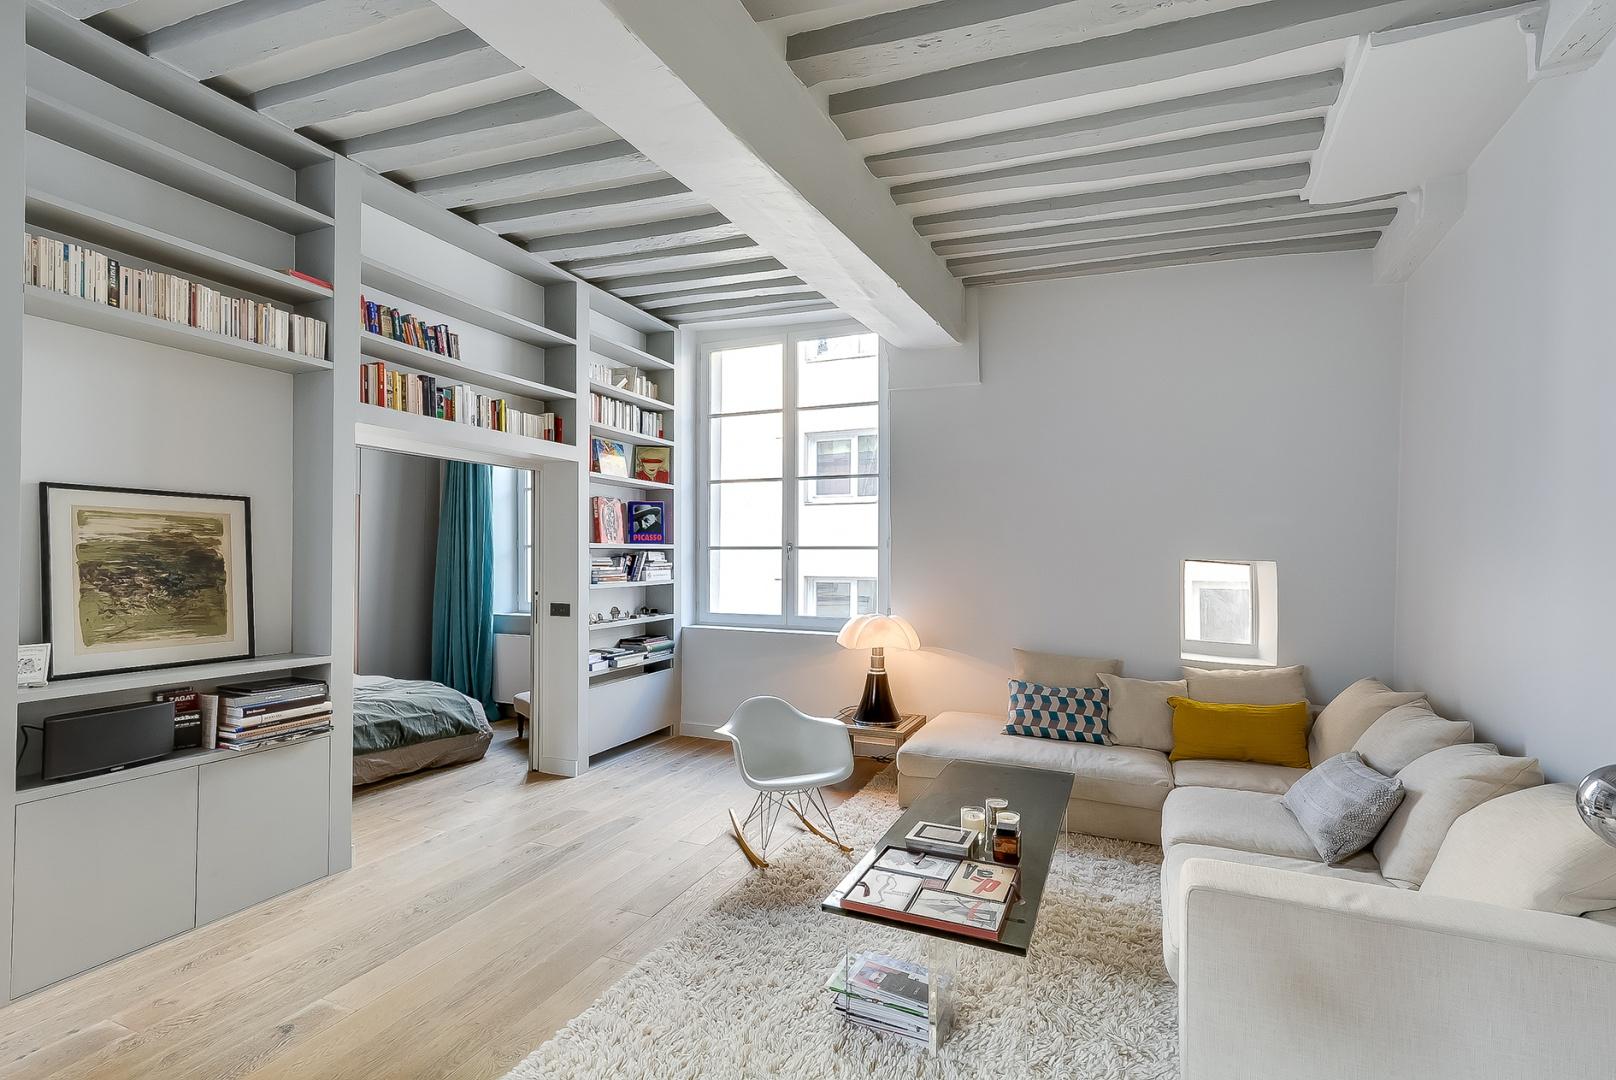 We wnętrzu dominują jasne kolory. Dębowa podłoga ma barwę, jasnego beżu, ściany są białe, meble wypoczynkowe kremowe. Nie jest jednak sterylnie, a bardzo przytulnie - za sprawą miękkim tekstyliów i drewnianych akcentów. Projekt: Tatiana Nicol. Fot. Meero Photographe Immobilier.